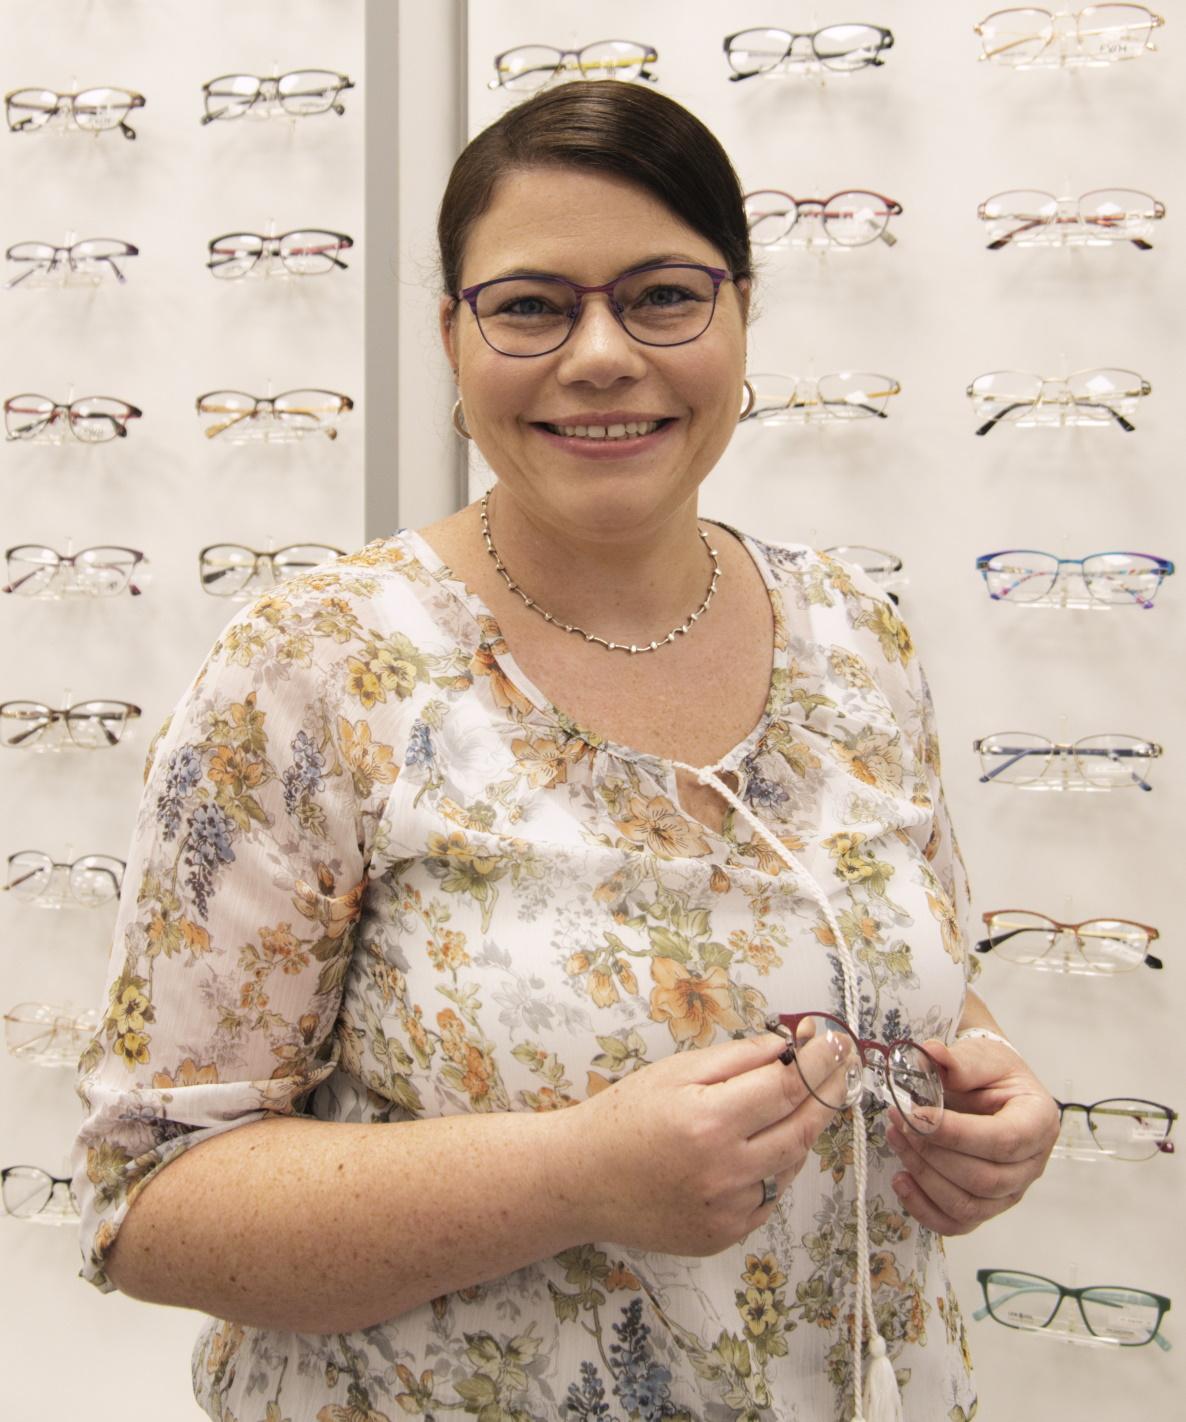 Frau Amann Augenoptikerin